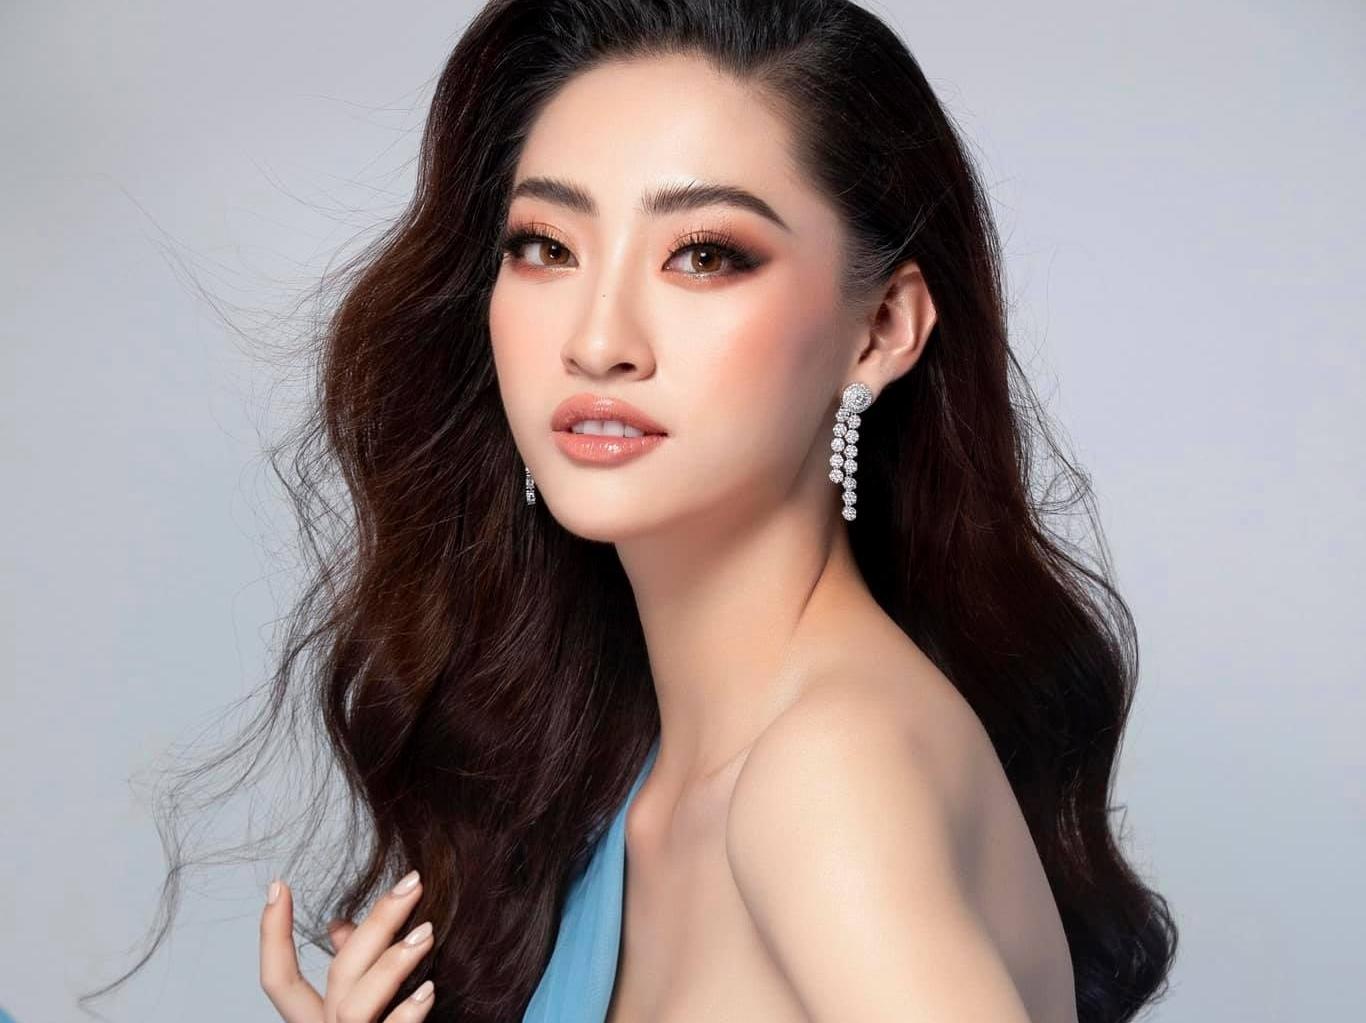 Hoa hậu Lương Thùy Linh sẽ dự thi Miss Grand International 2021?